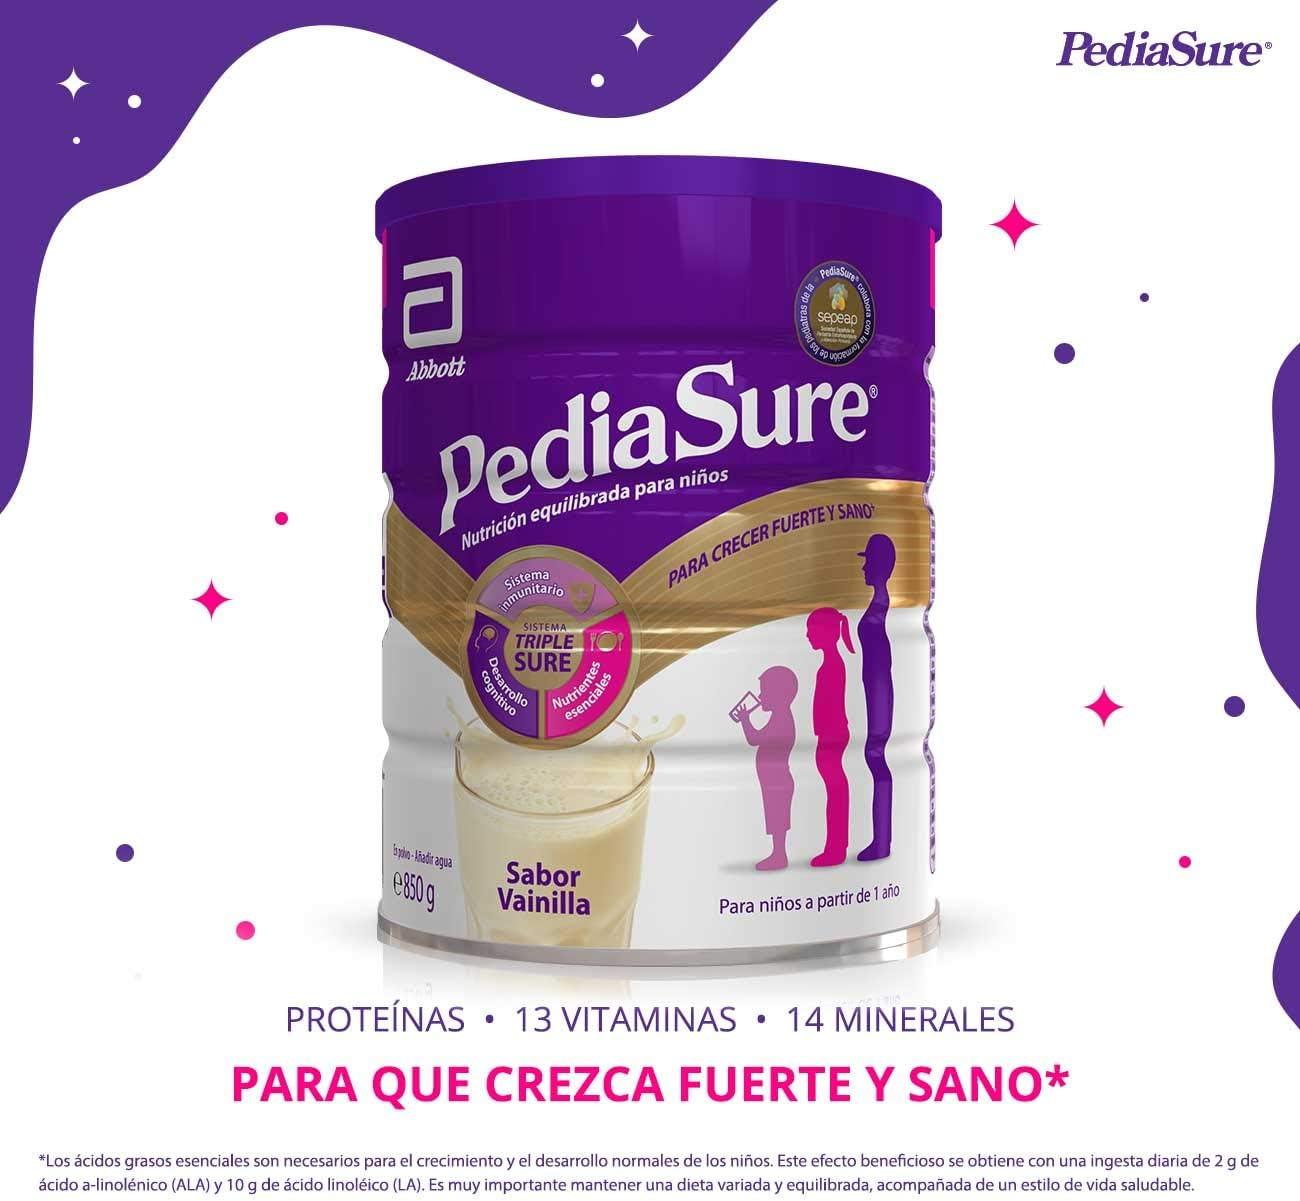 PediaSure Complemento Alimenticio para Niños, Sabor Vainilla, con Proteínas, Vitaminas y Minerales - 850 gr